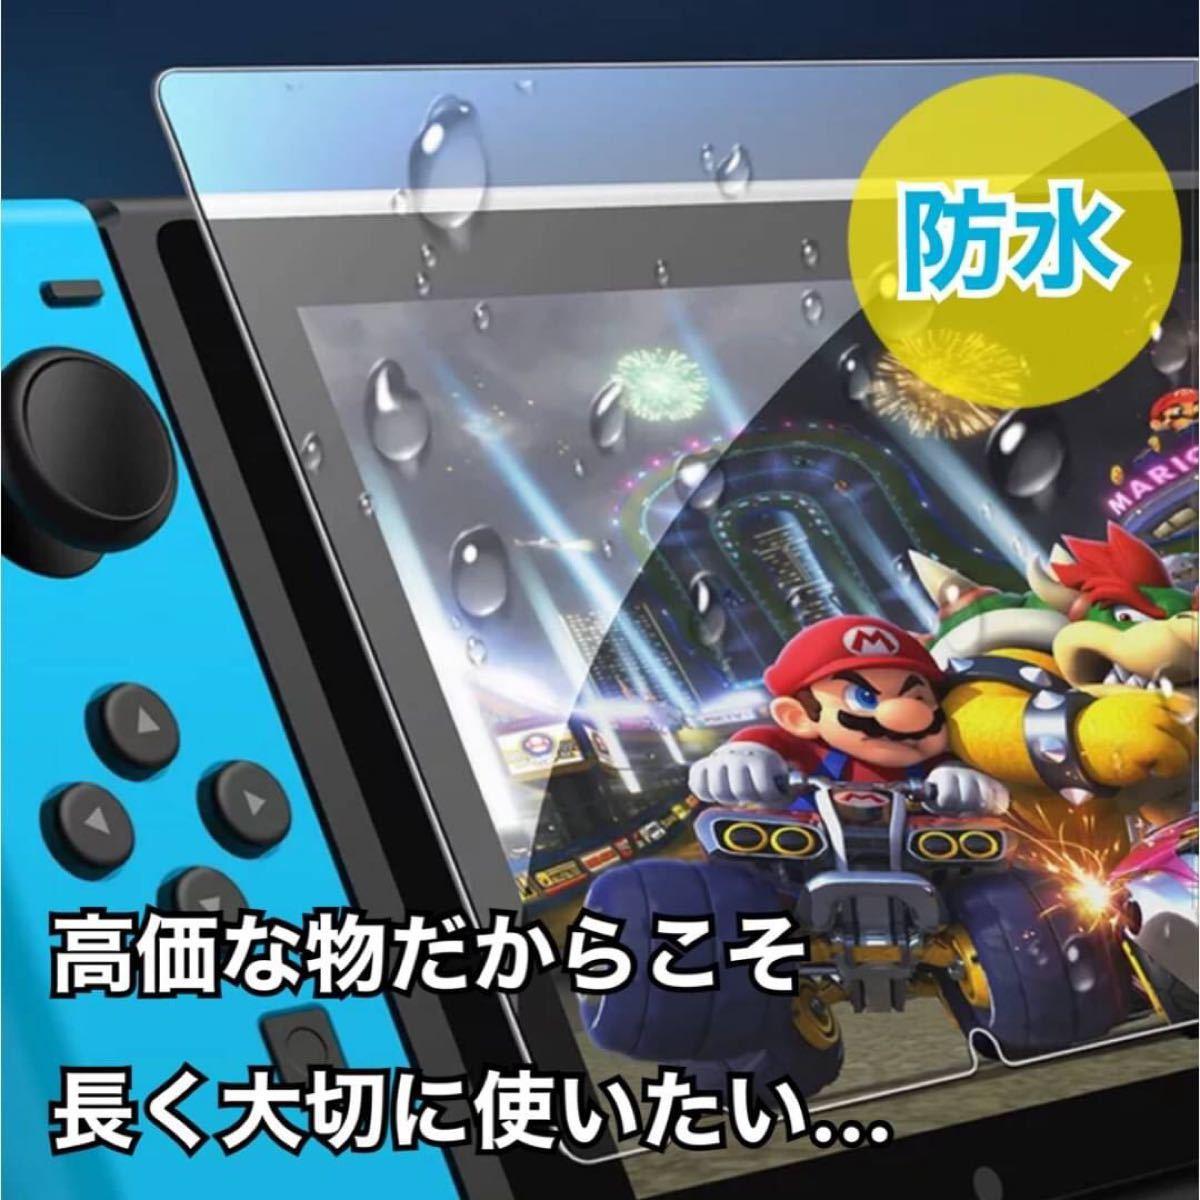 任天堂スイッチ Switch 保護フィルム ガラスフィルム ブルーライト90%カット! 新品未使用 送料無料